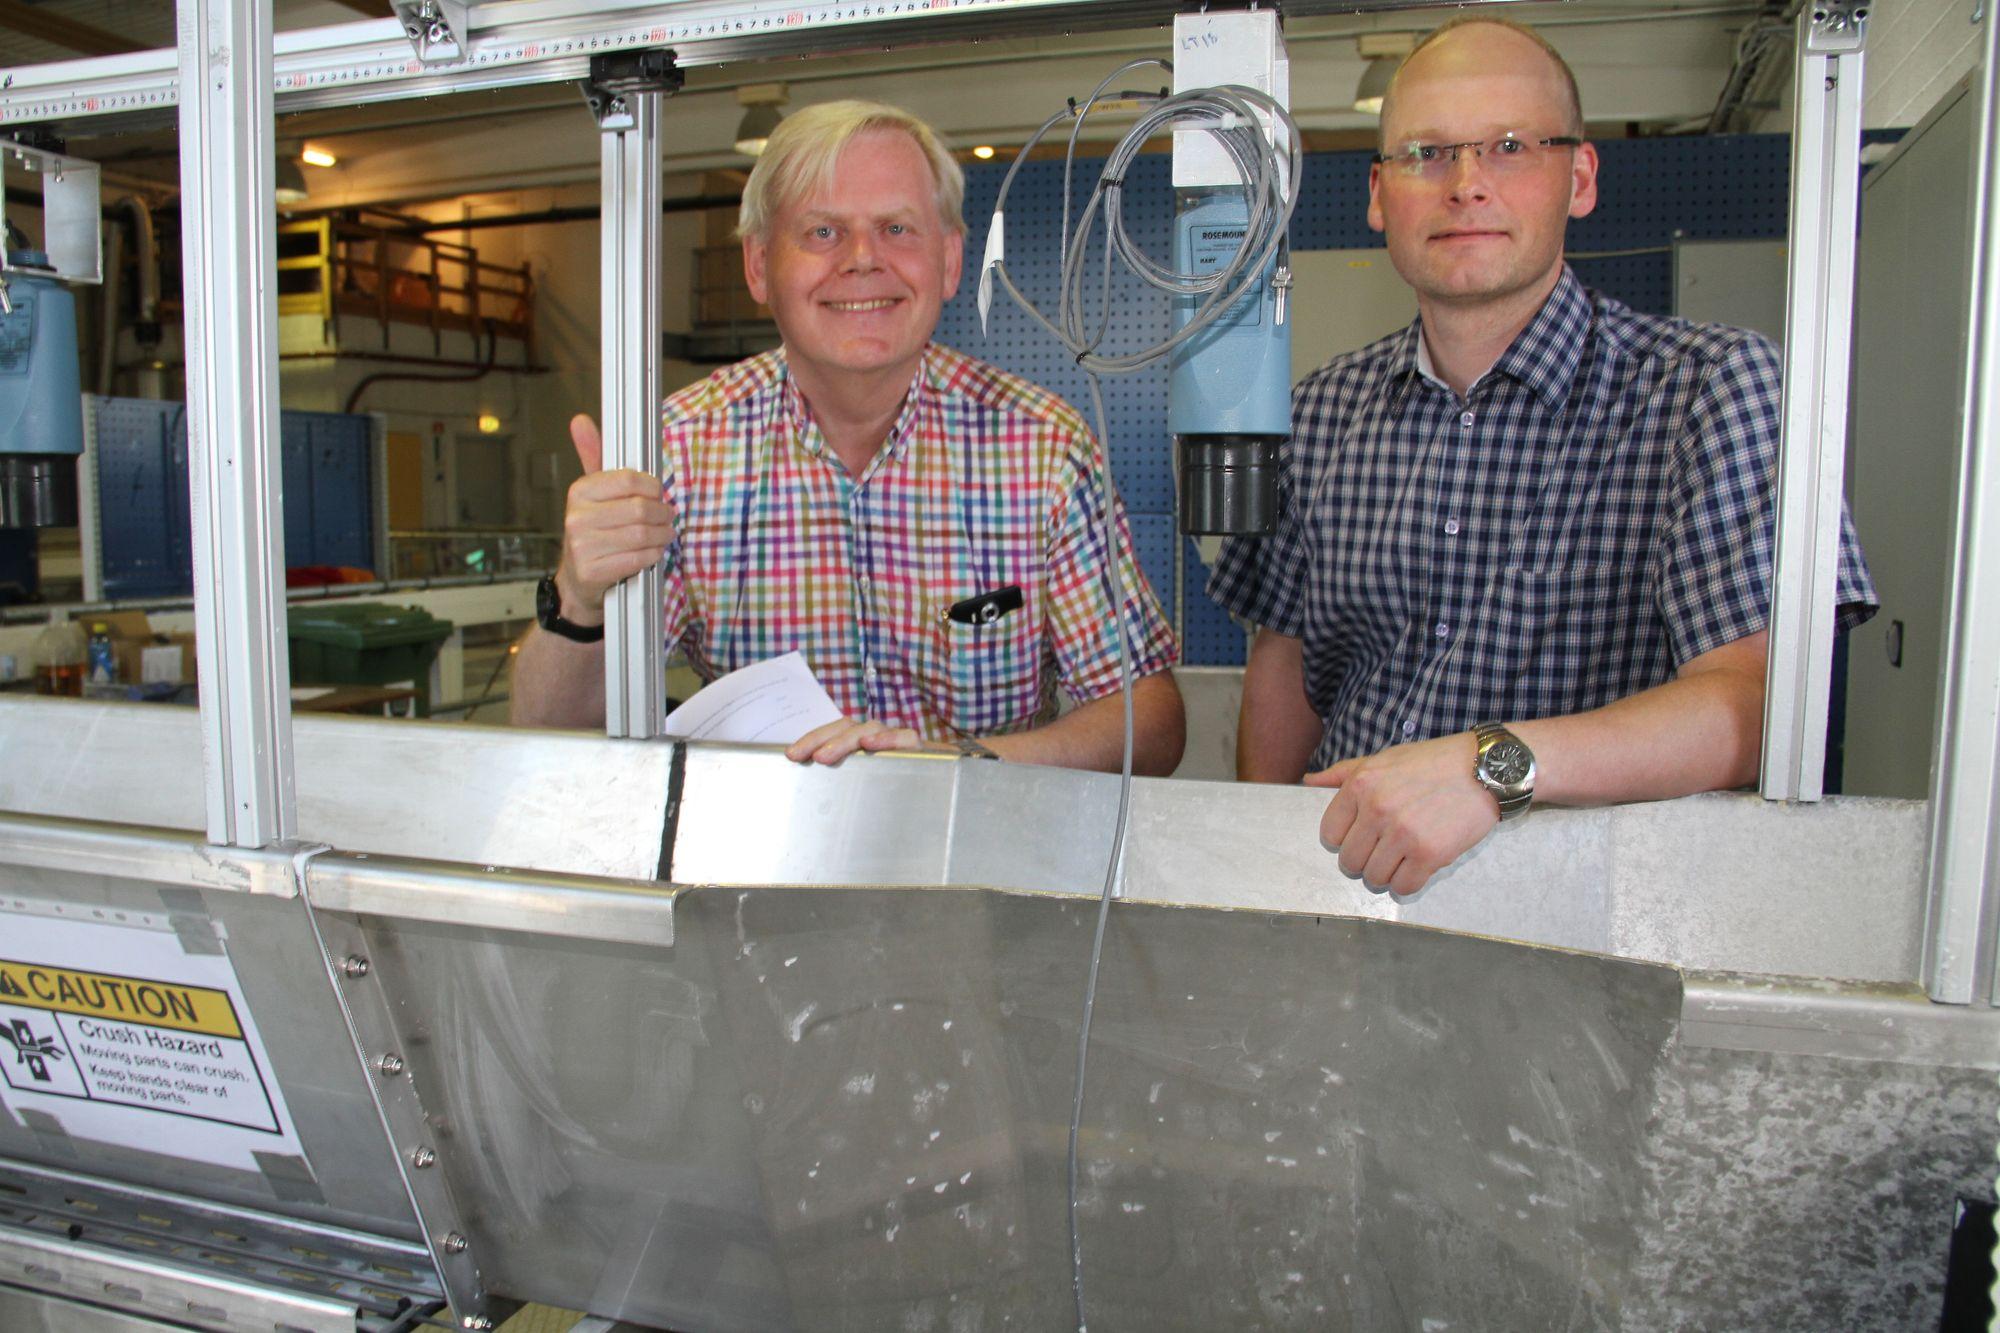 Semi-Kidd, Høgskolen i Sørøst-Norge, til venstre professor Bernt Lie, til høyre prosjektadministrator Håkon Viumdal.Her ved innsnevringen de har fått bygget for å bruke venturieffekten til å måle hvor mye som strømmer gjennom.l.